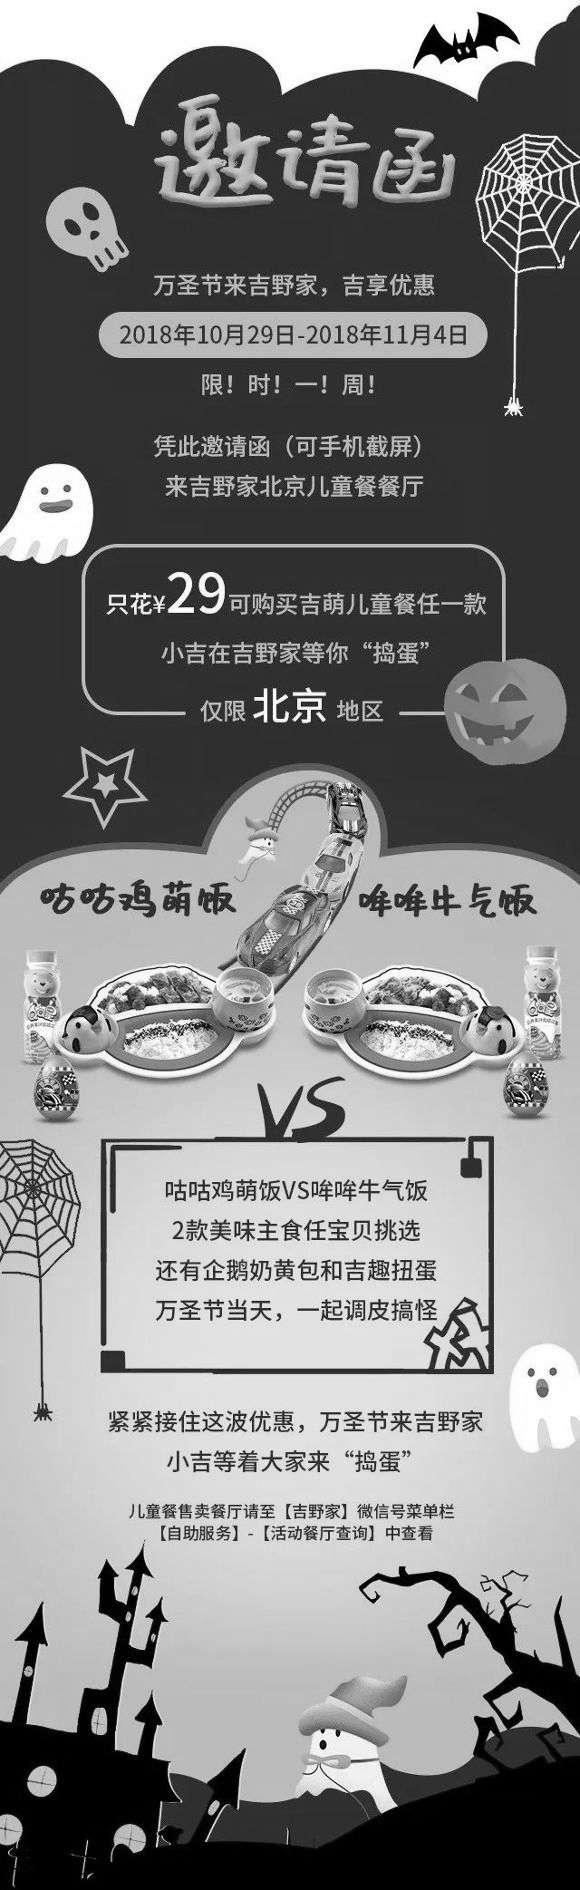 黑白优惠券图片:北京吉野家万圣节邀请函,吉萌儿童餐立减6元起 - www.5ikfc.com